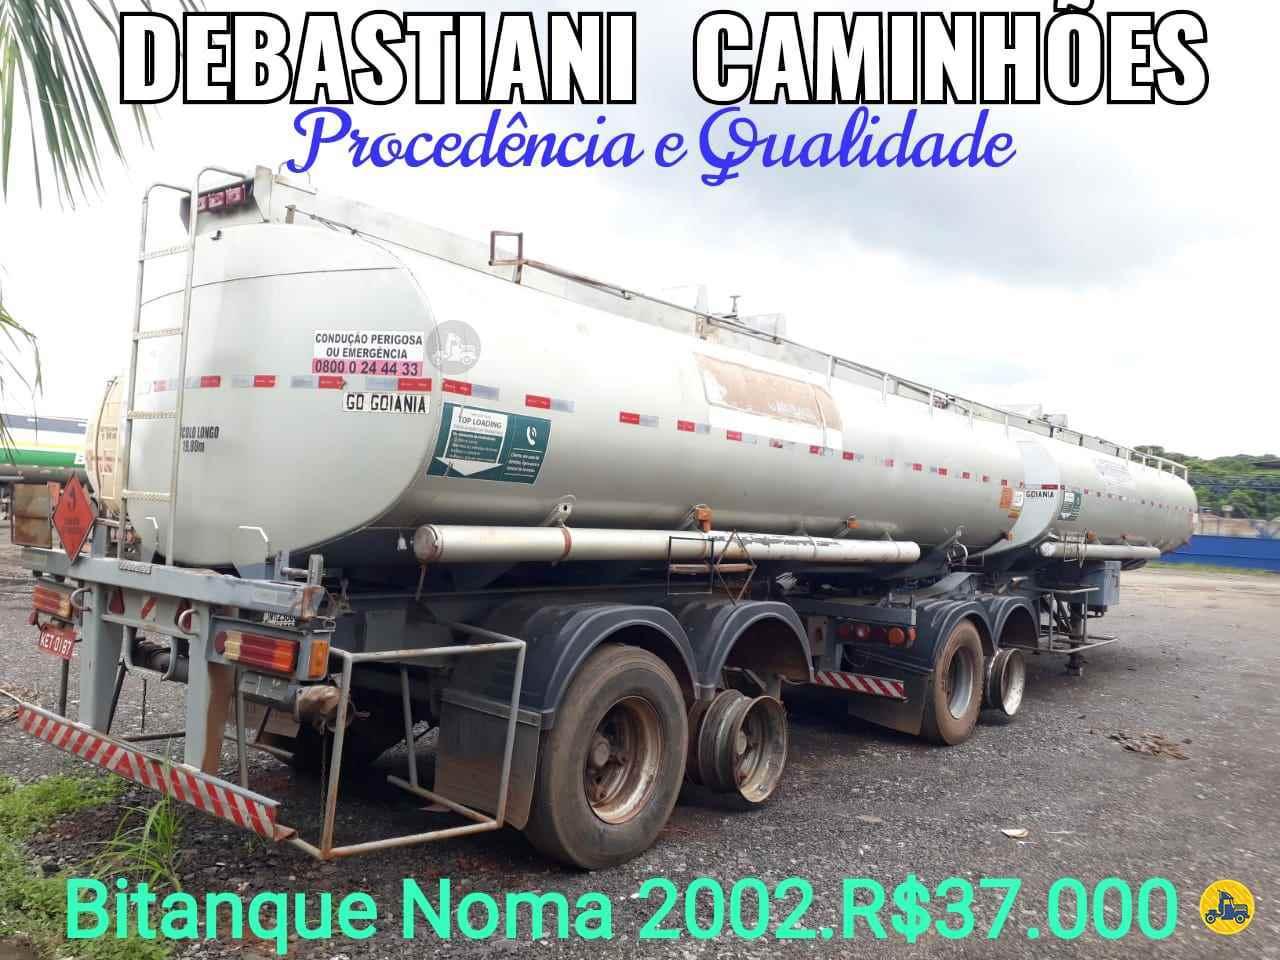 BITREM TANQUE AÇO  2002/2002 Debastiani Caminhões